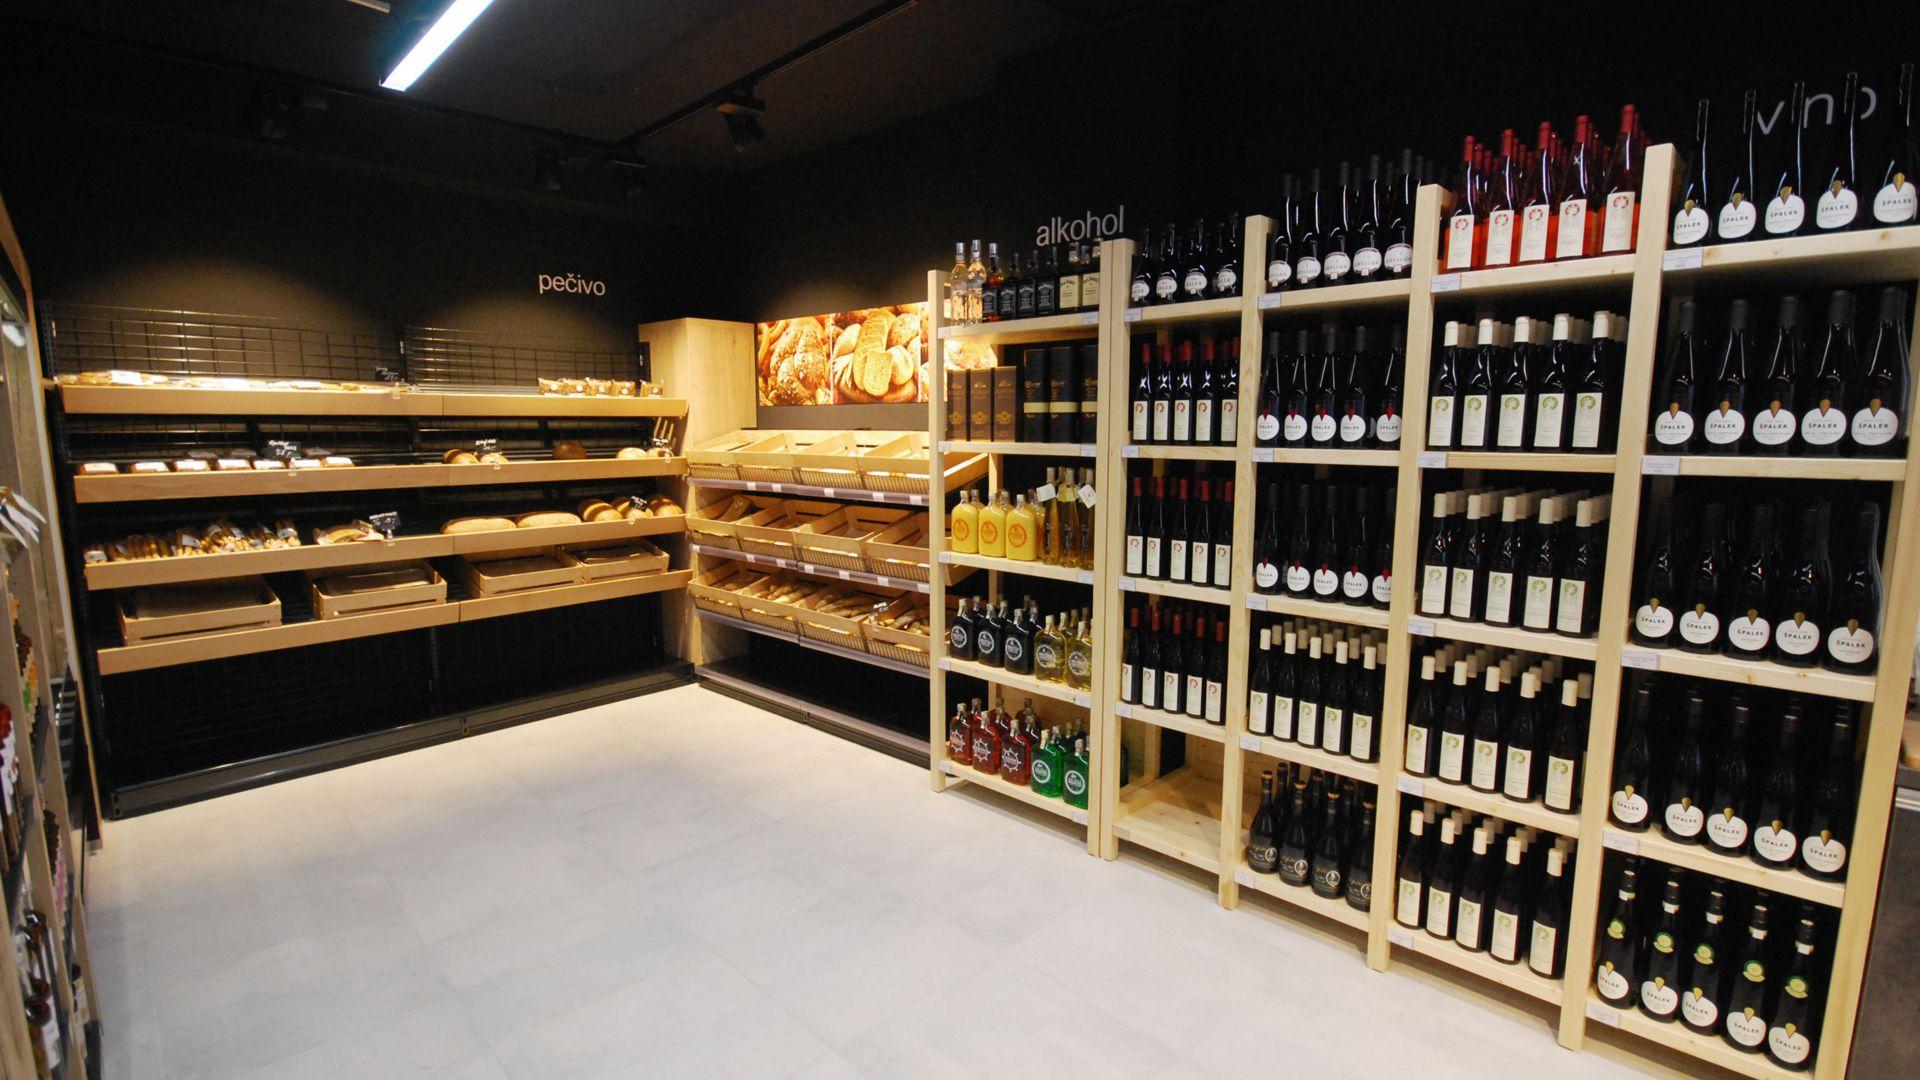 FESCHU Family Food Market realizace pečivo regály na víno